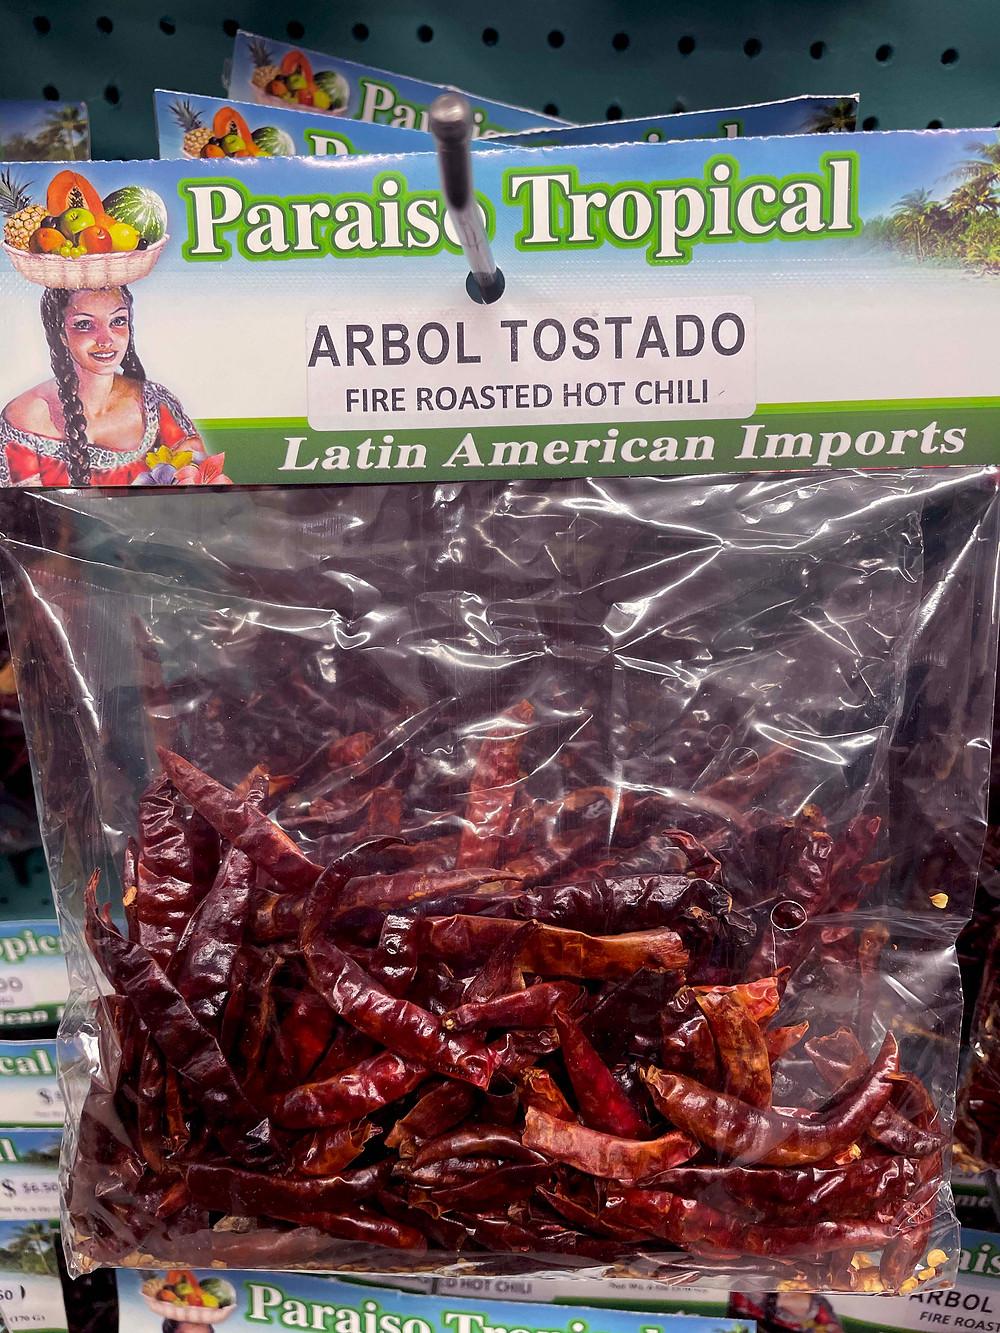 Paraiso Tropical's chile de árbol tostado (fire roasted de arbol chili).